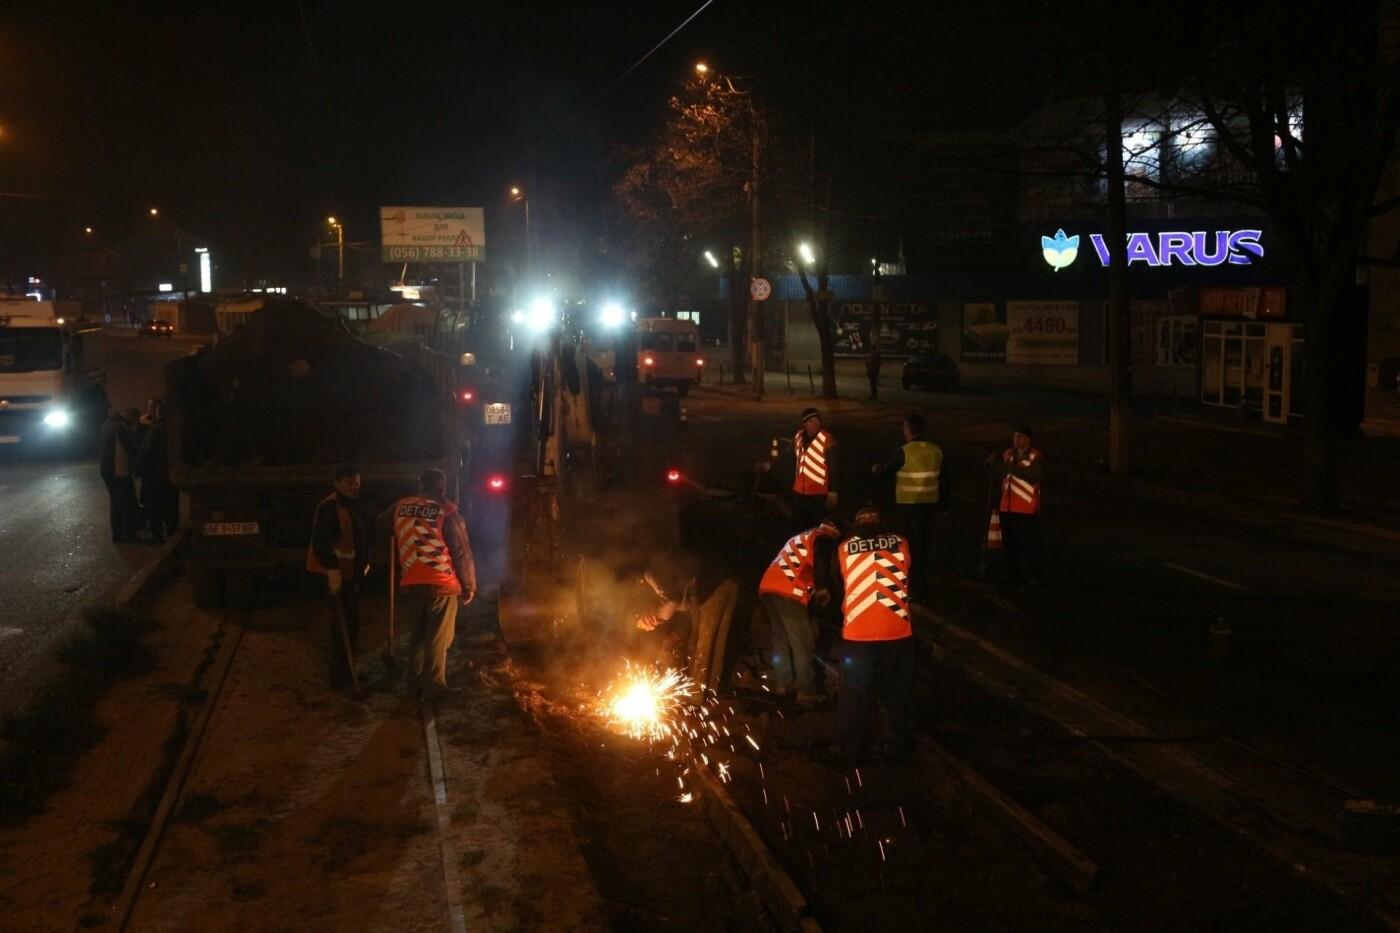 В Днепре ремонтируют аварийный участок трамвайной колеи, - ФОТО, фото-3